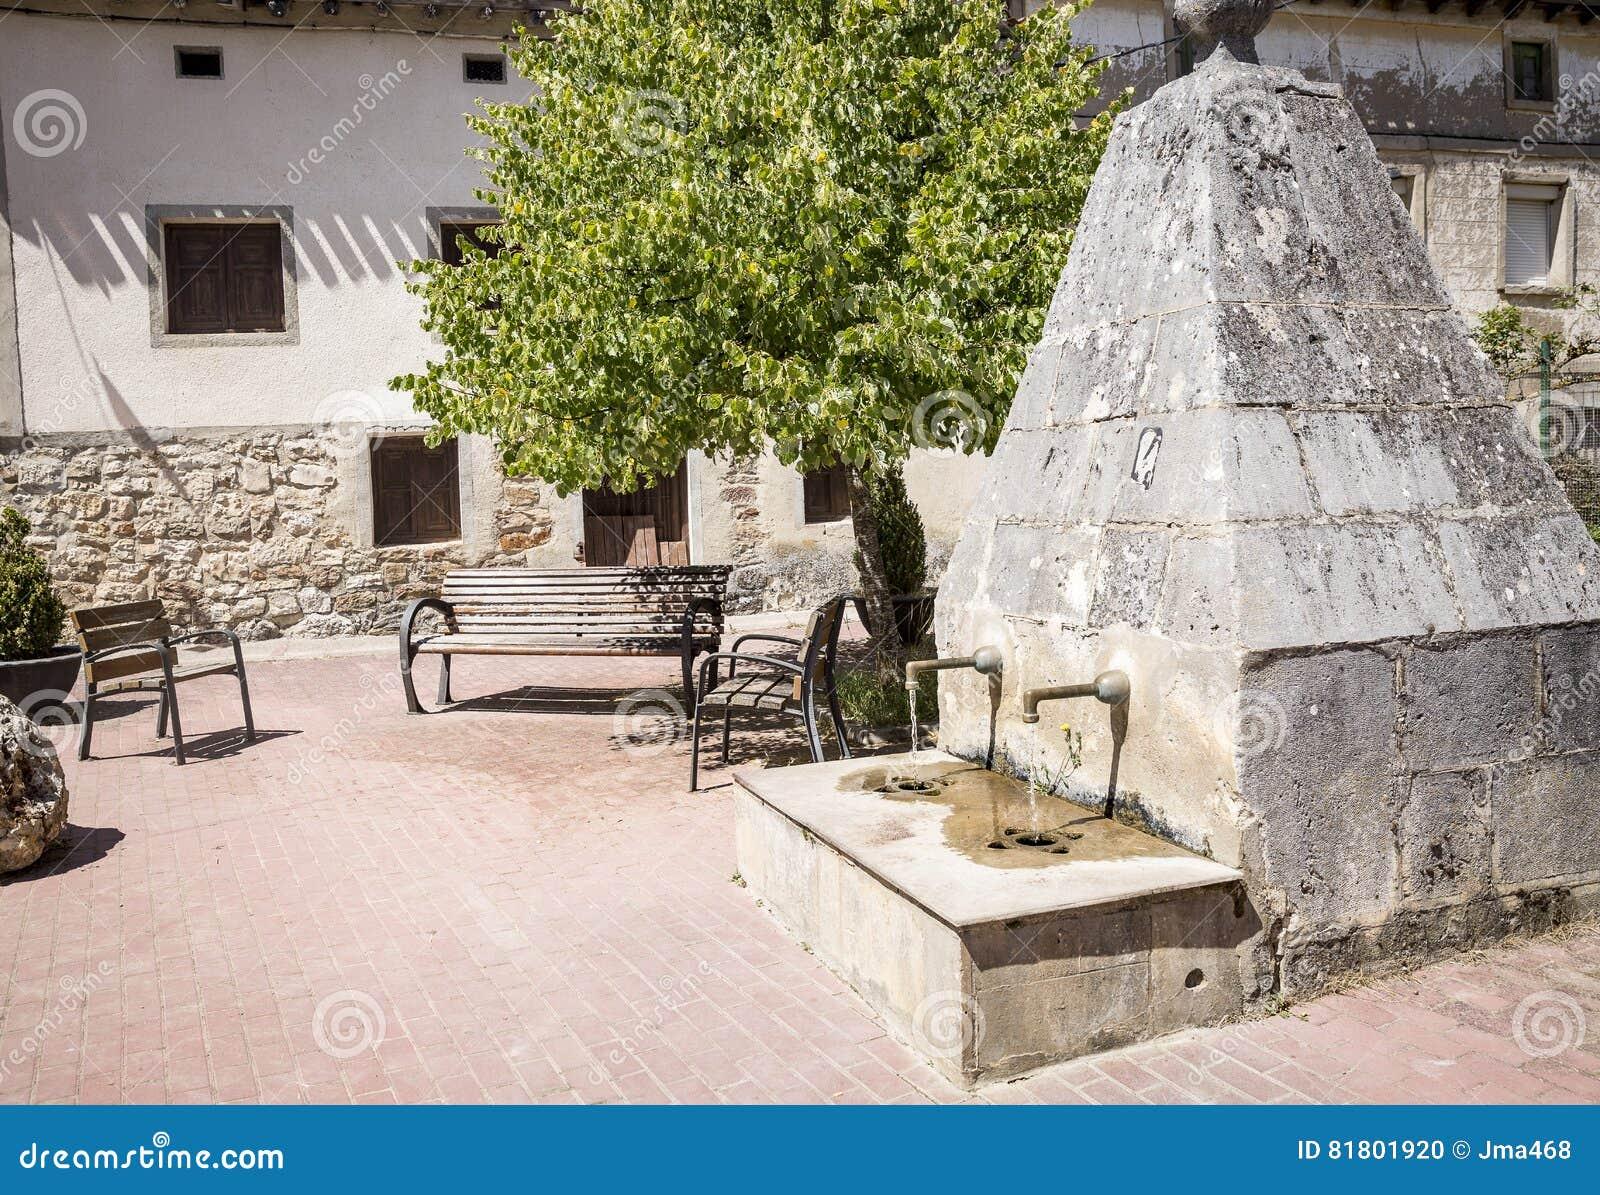 Старый камень сделал фонтан в Agés, провинции Бургоса, Испании